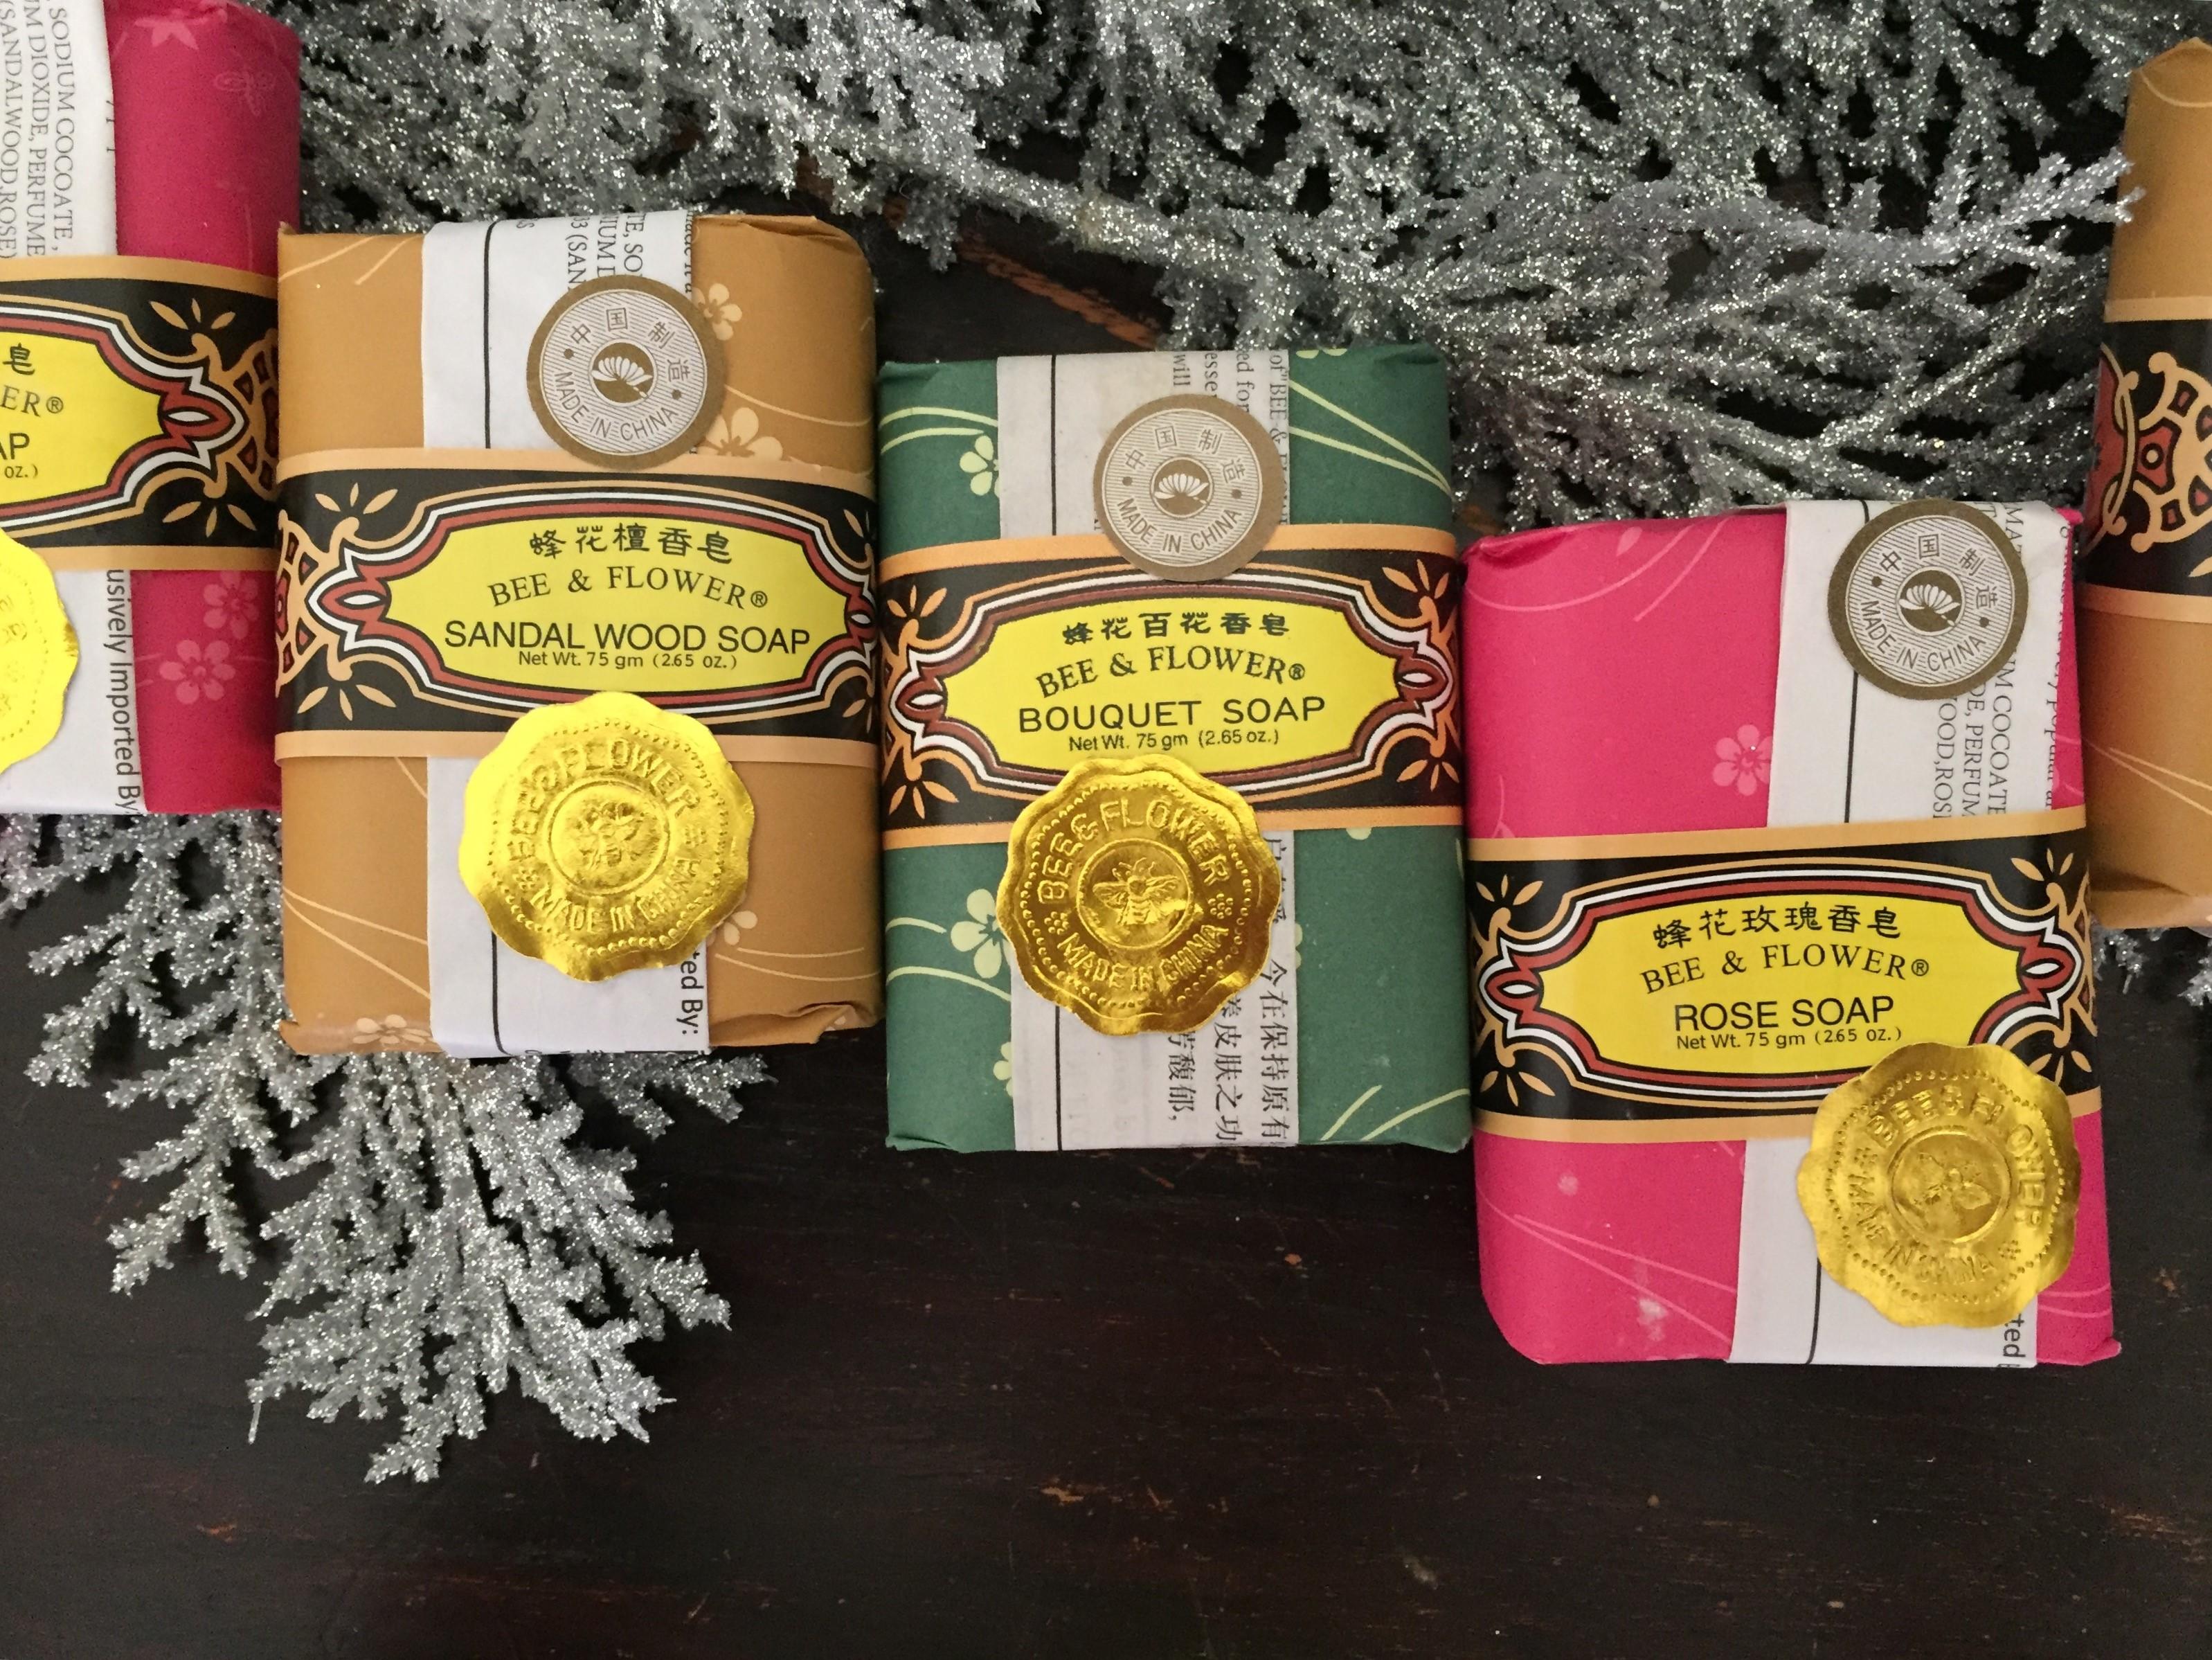 Holiday Gifts at Mayway